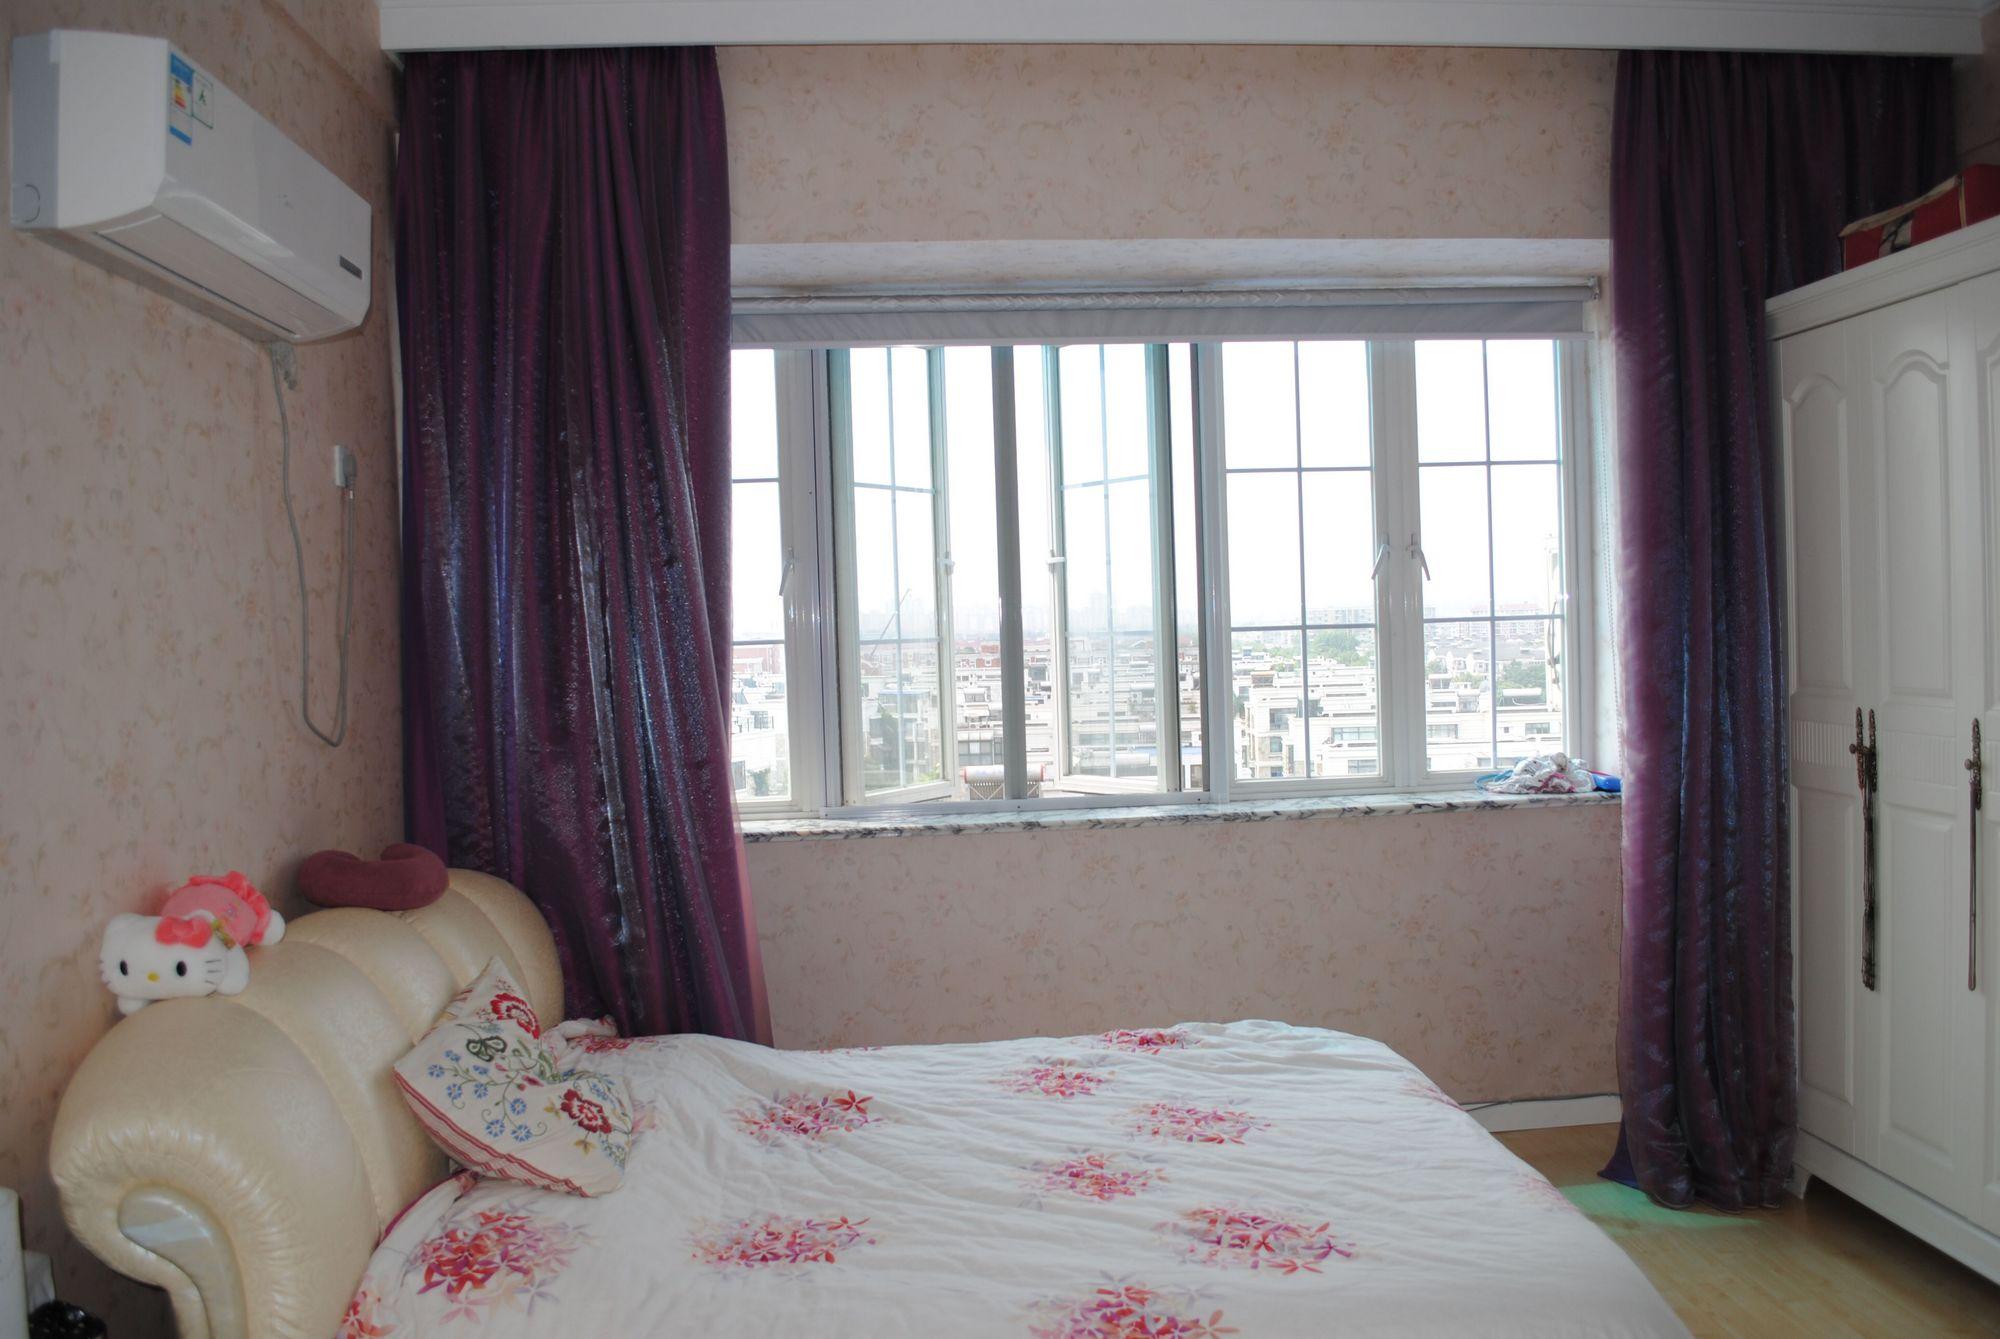 50m2酒店式公寓全装修房改造装修欧式混搭风格